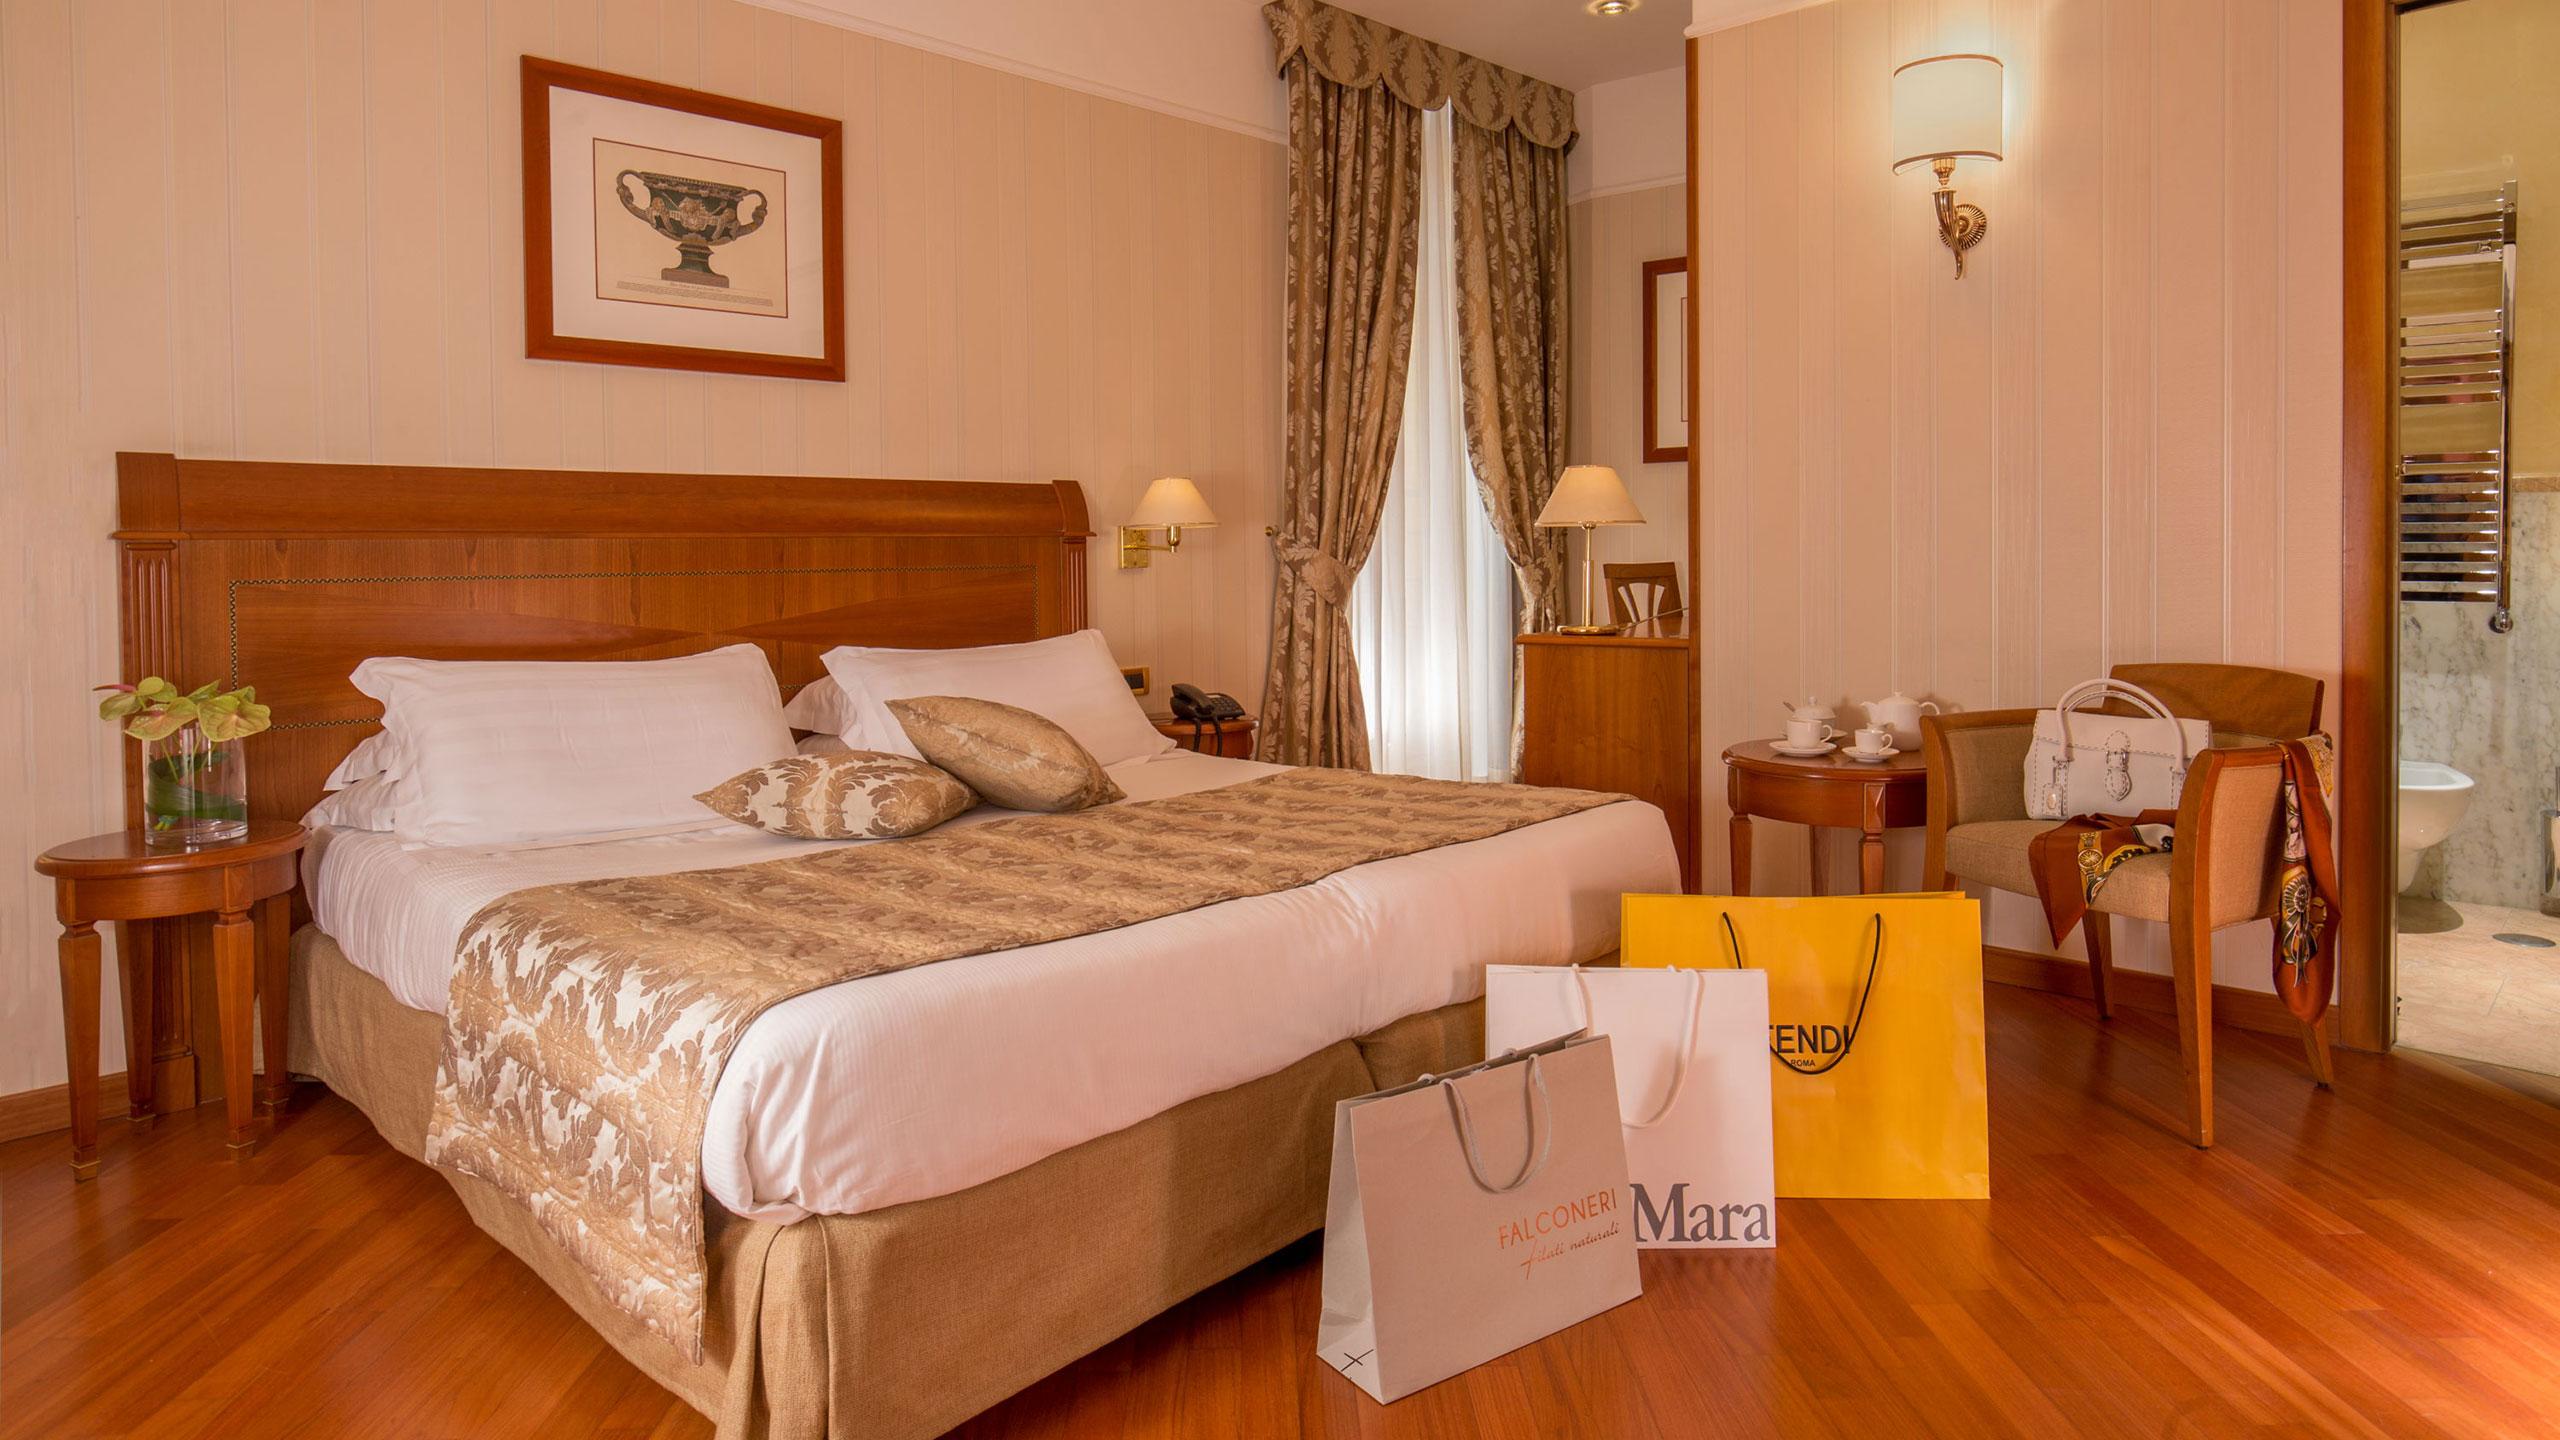 albergo-ottocento-rome-chambre-double-deluxe-05